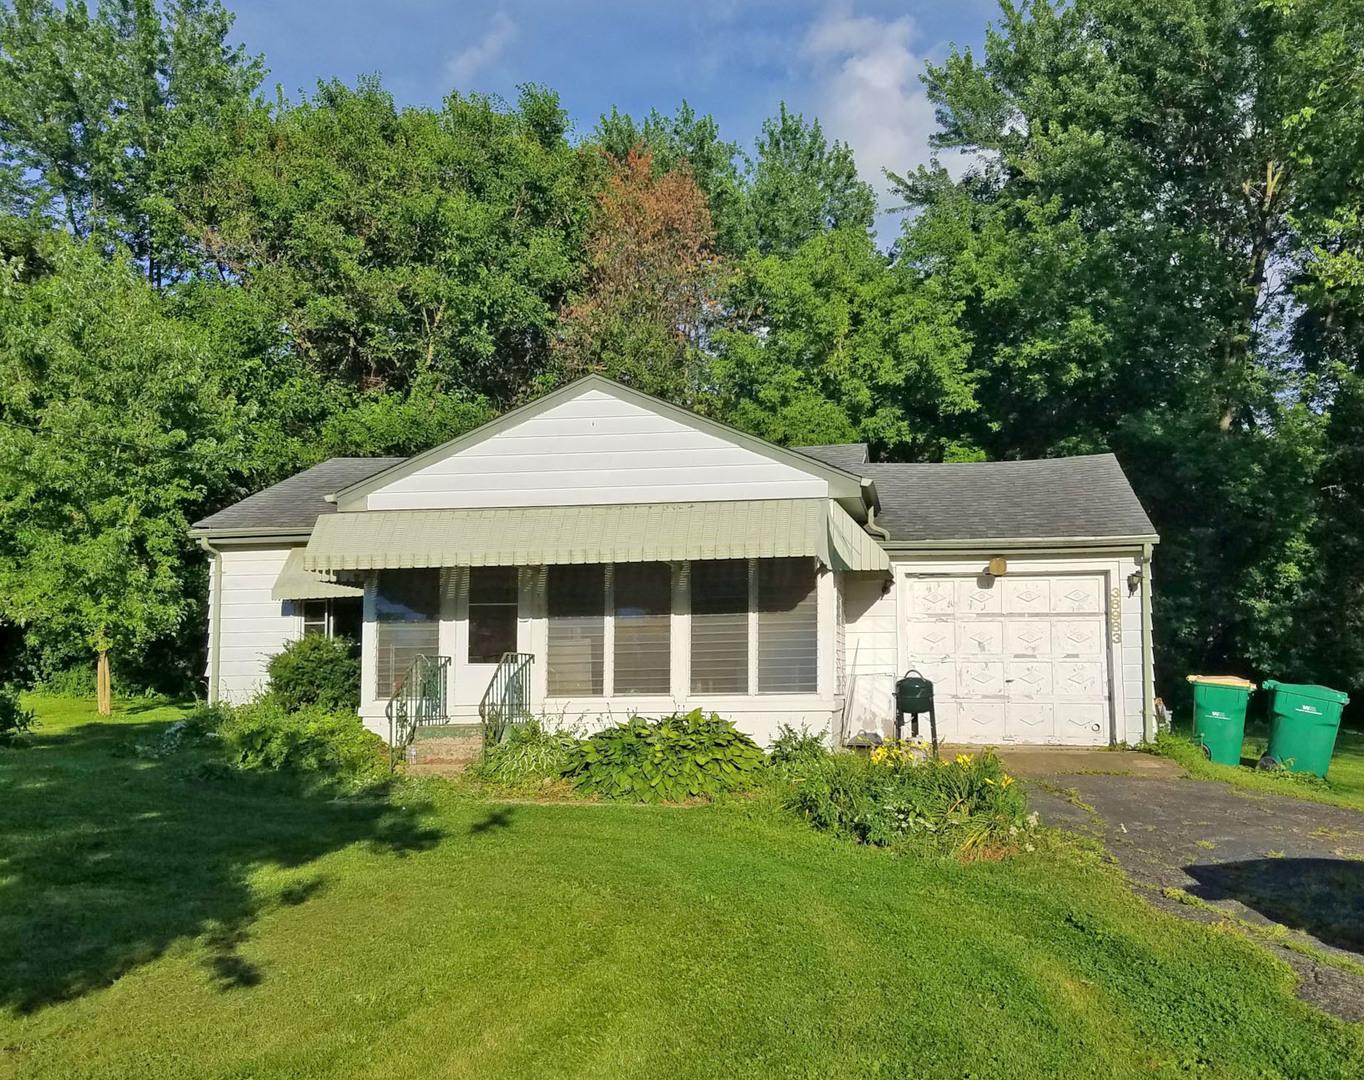 38983 North Cedar Crest Drive, Lake Villa, Illinois 60046